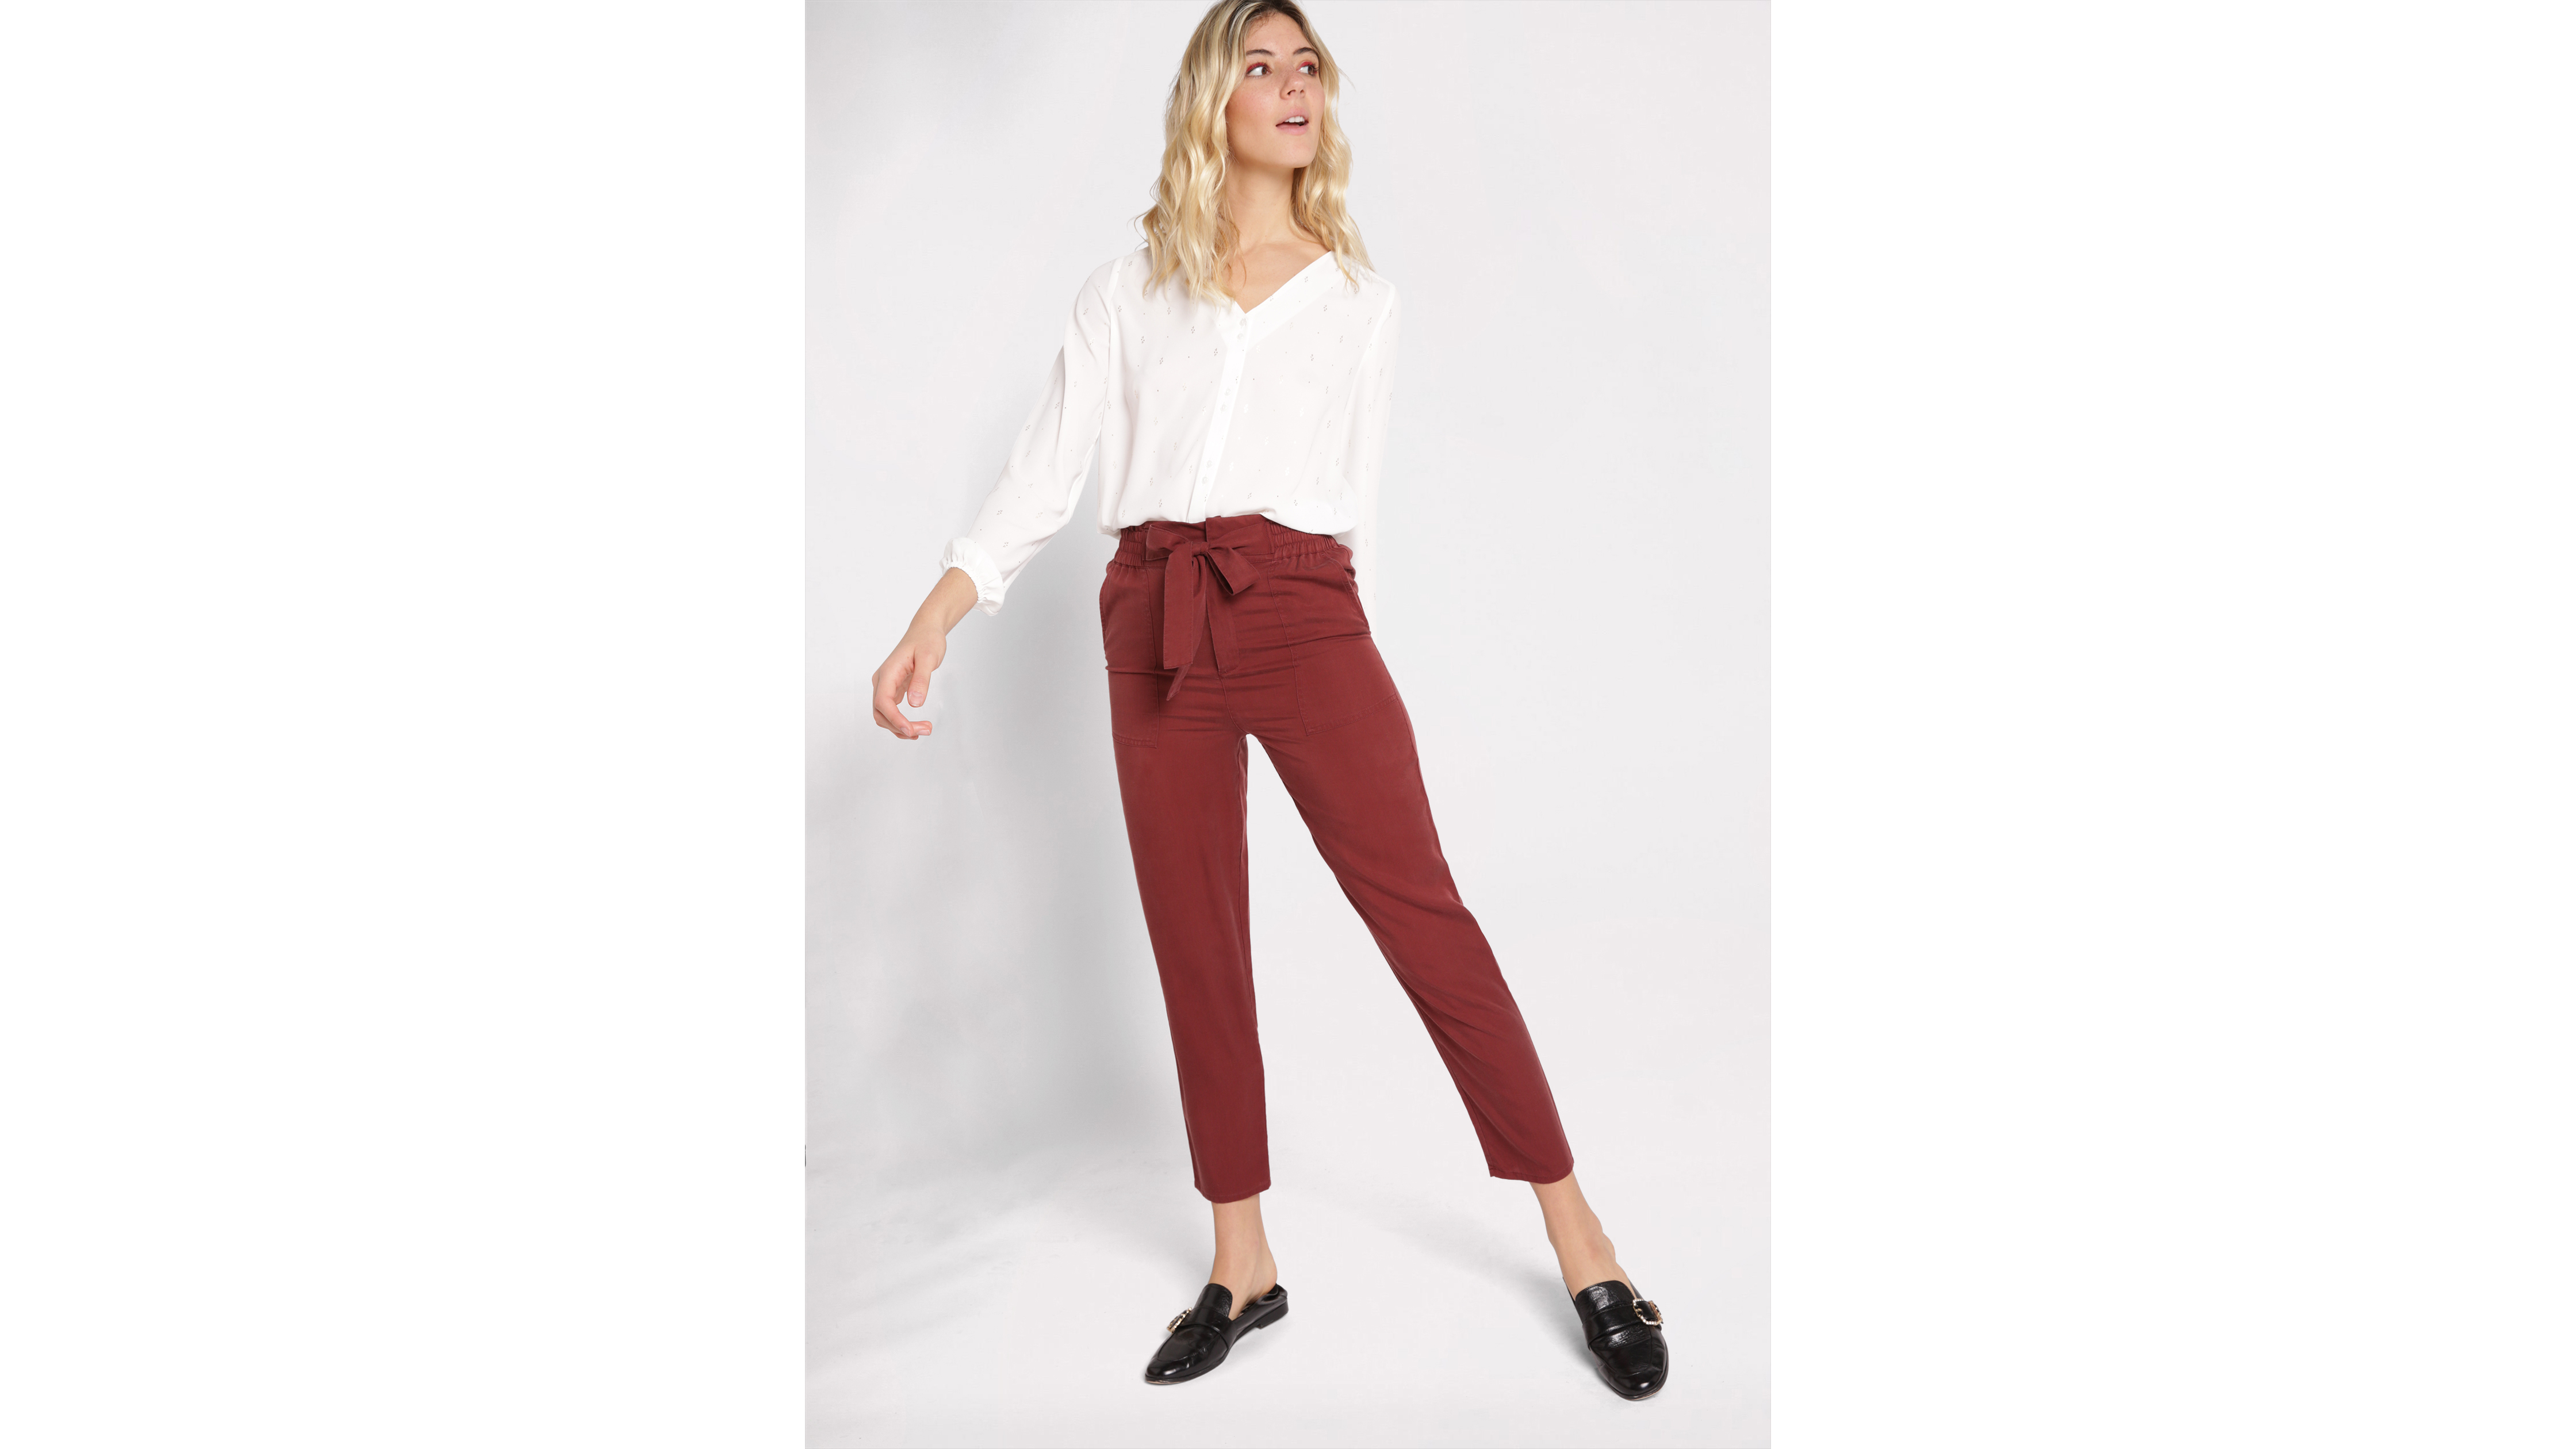 recherche pantalon fluide femme femme rencontre lyon